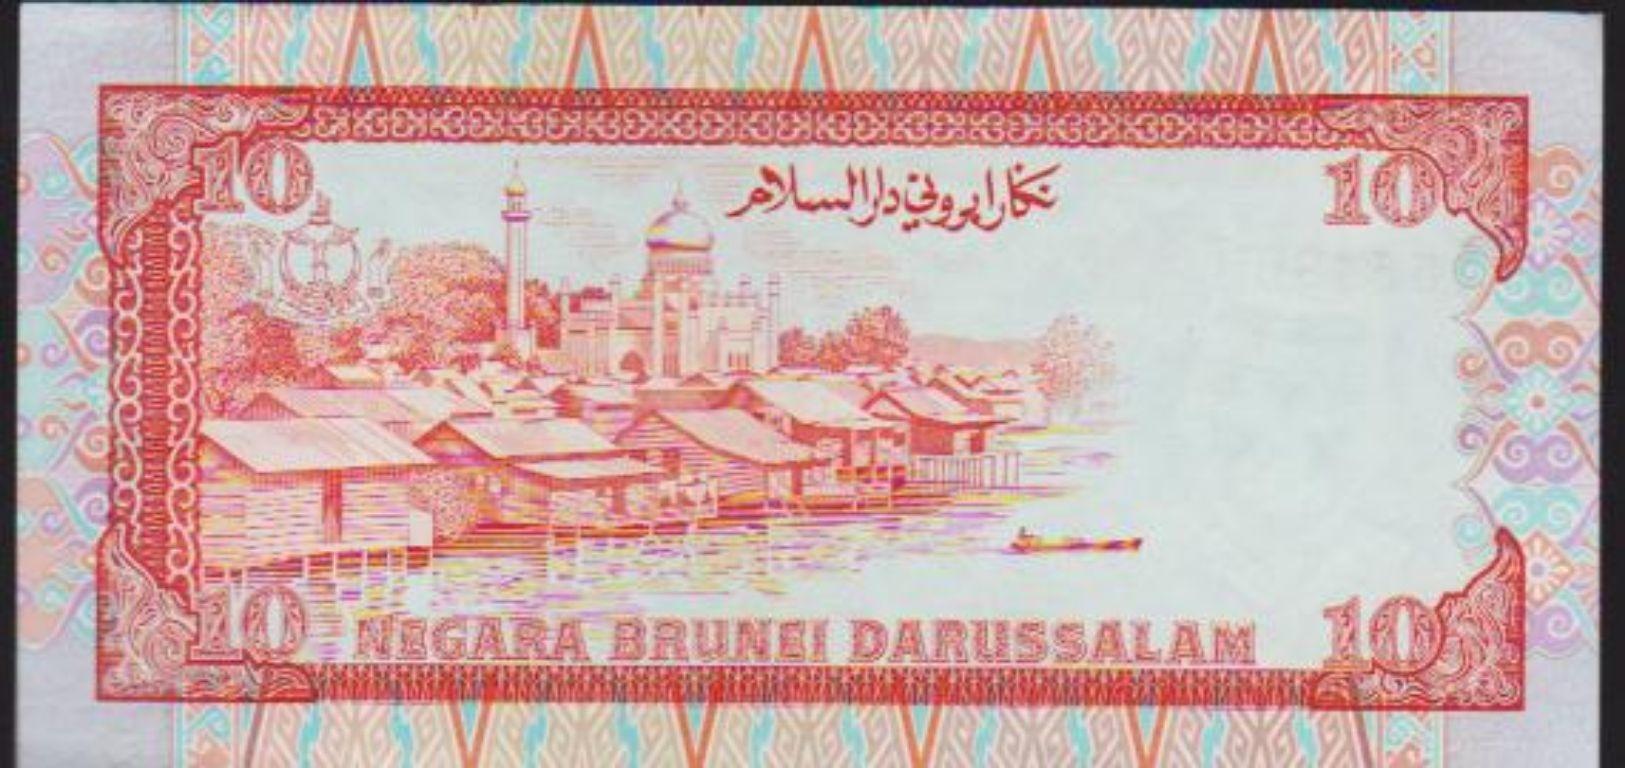 1998 P-110 BRUNEI TEN DOLLARS NOTE IN A CRISP HIGH GRADE. - Brunei